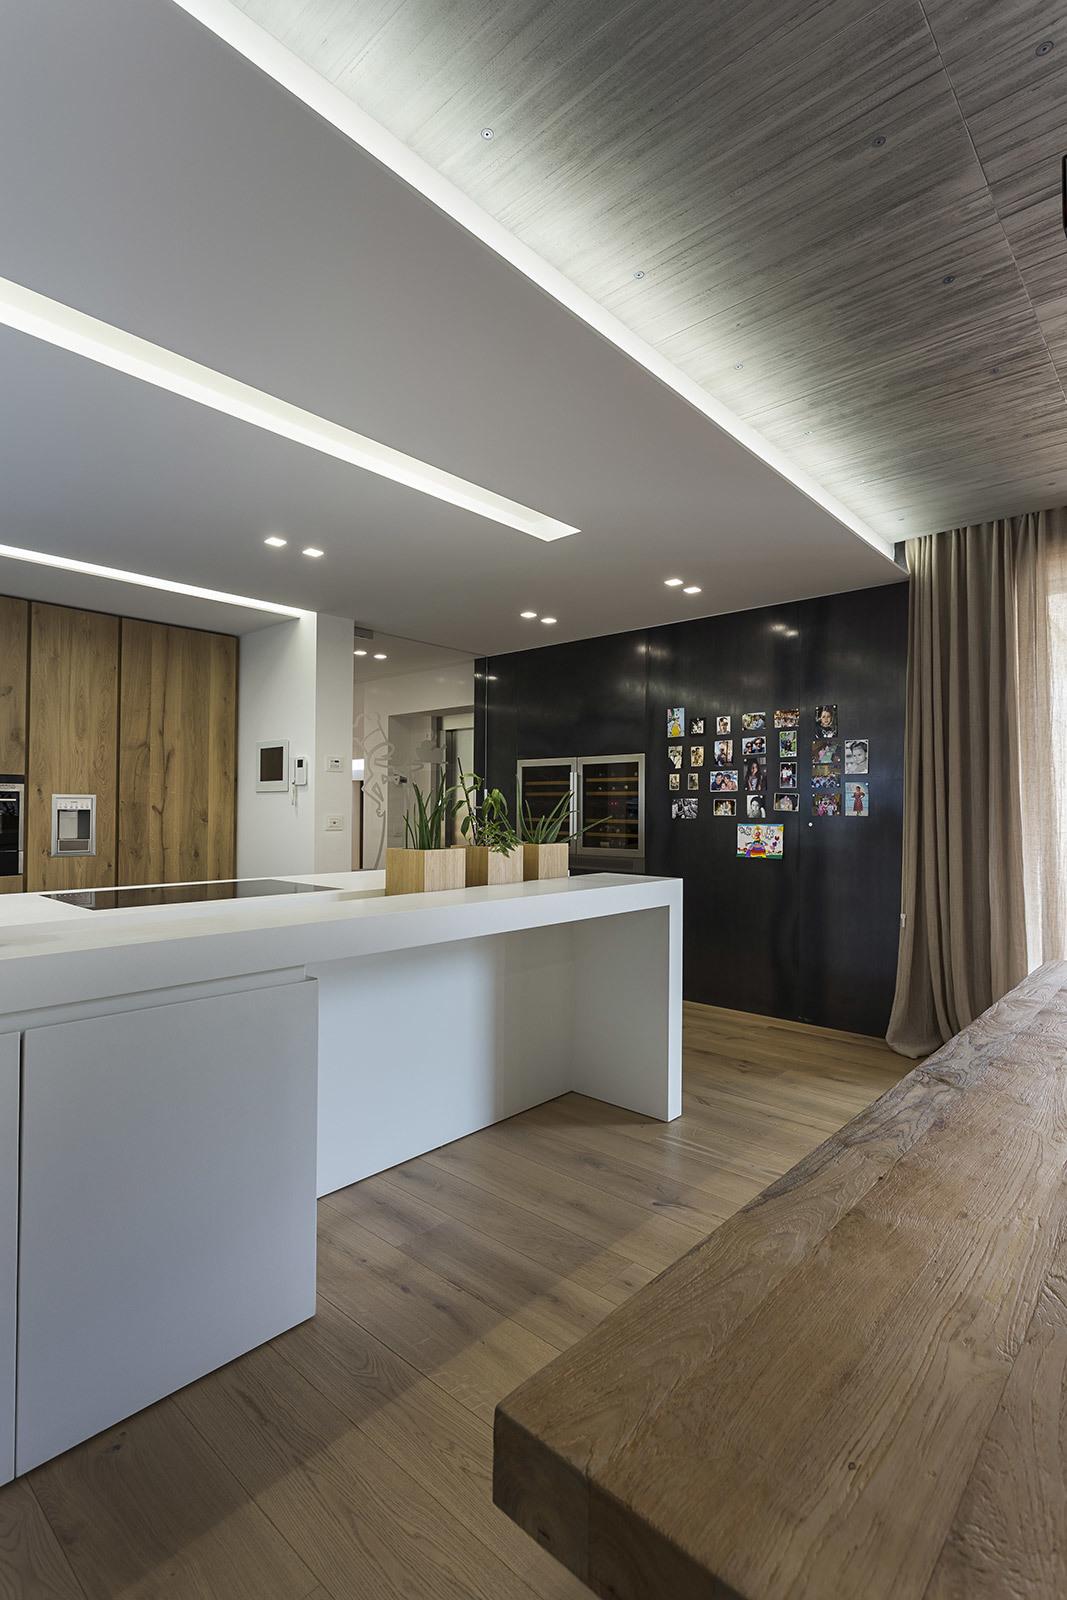 Our projects: PRIVATE VILLA IN CASTELFRANCO VENETO, Castelfranco ...